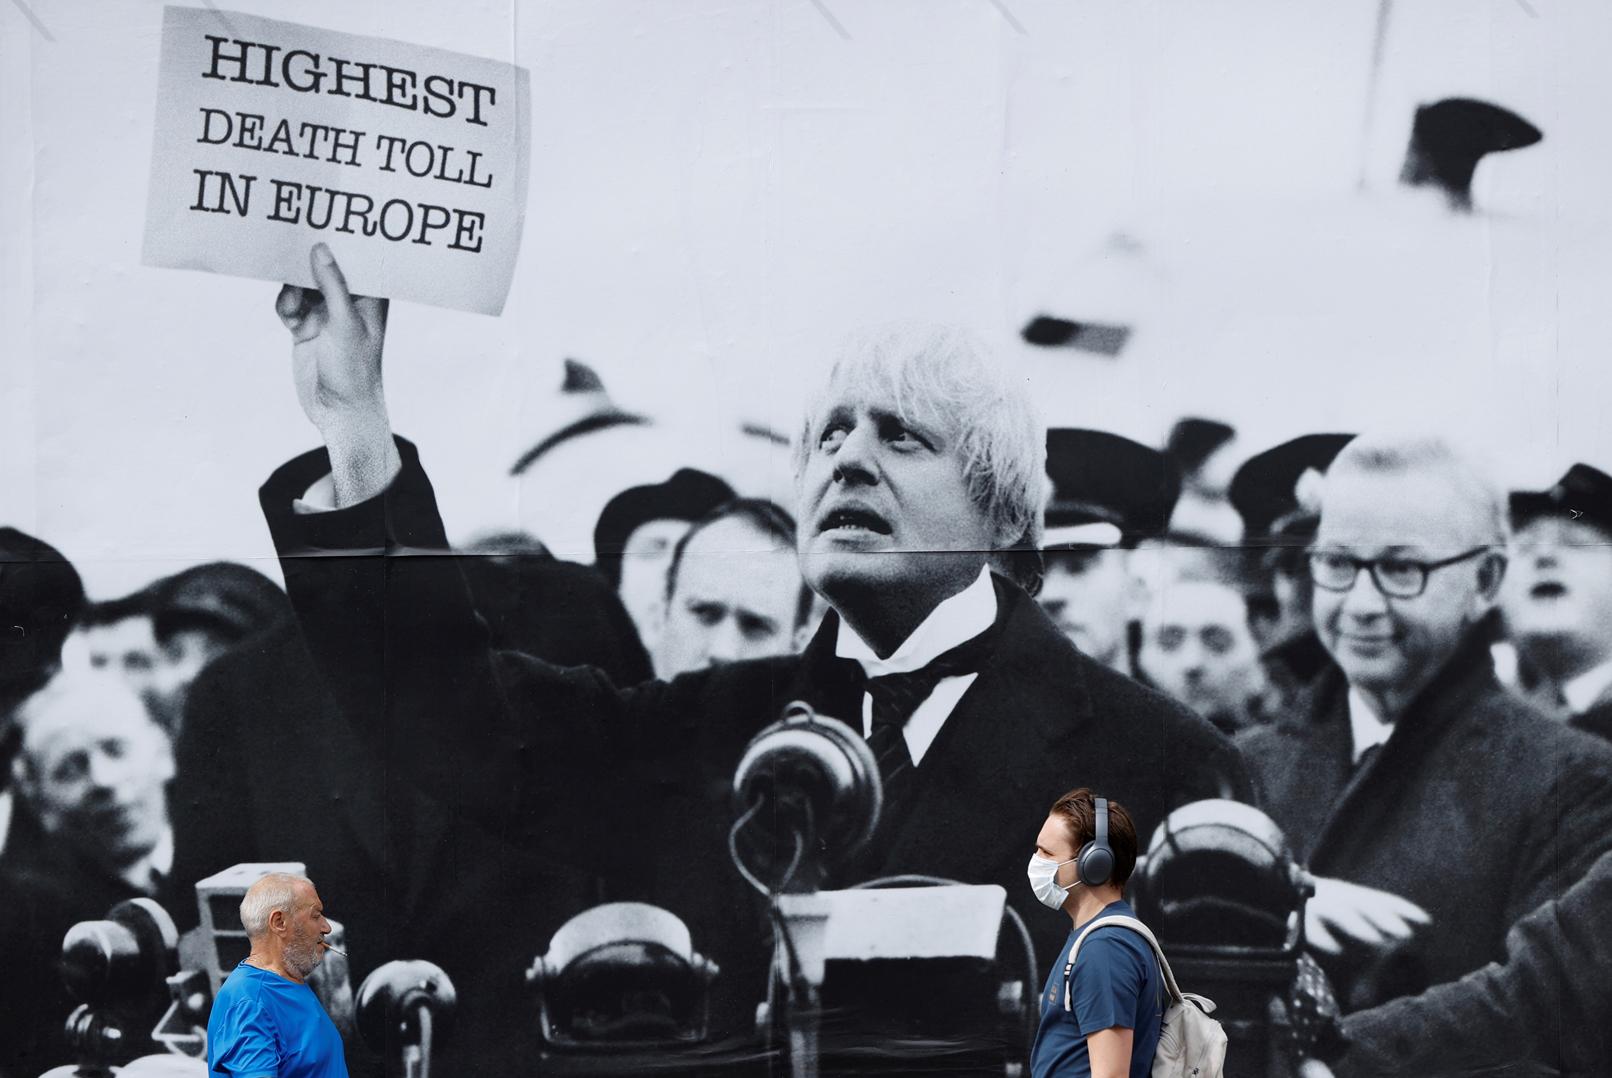 Λονδίνο. Ναι, ο Μπόρις θέλει να δραπετεύσει από το γιγάντιο φωτομοντάζ των εχθρών του, που τον παρουσιάζουν σαν άλλον Τσάμπερλεν να κραδαίνει τη Συμφωνία του Μονάχου της δικής του εποχής, της εποχής της πανδημίας